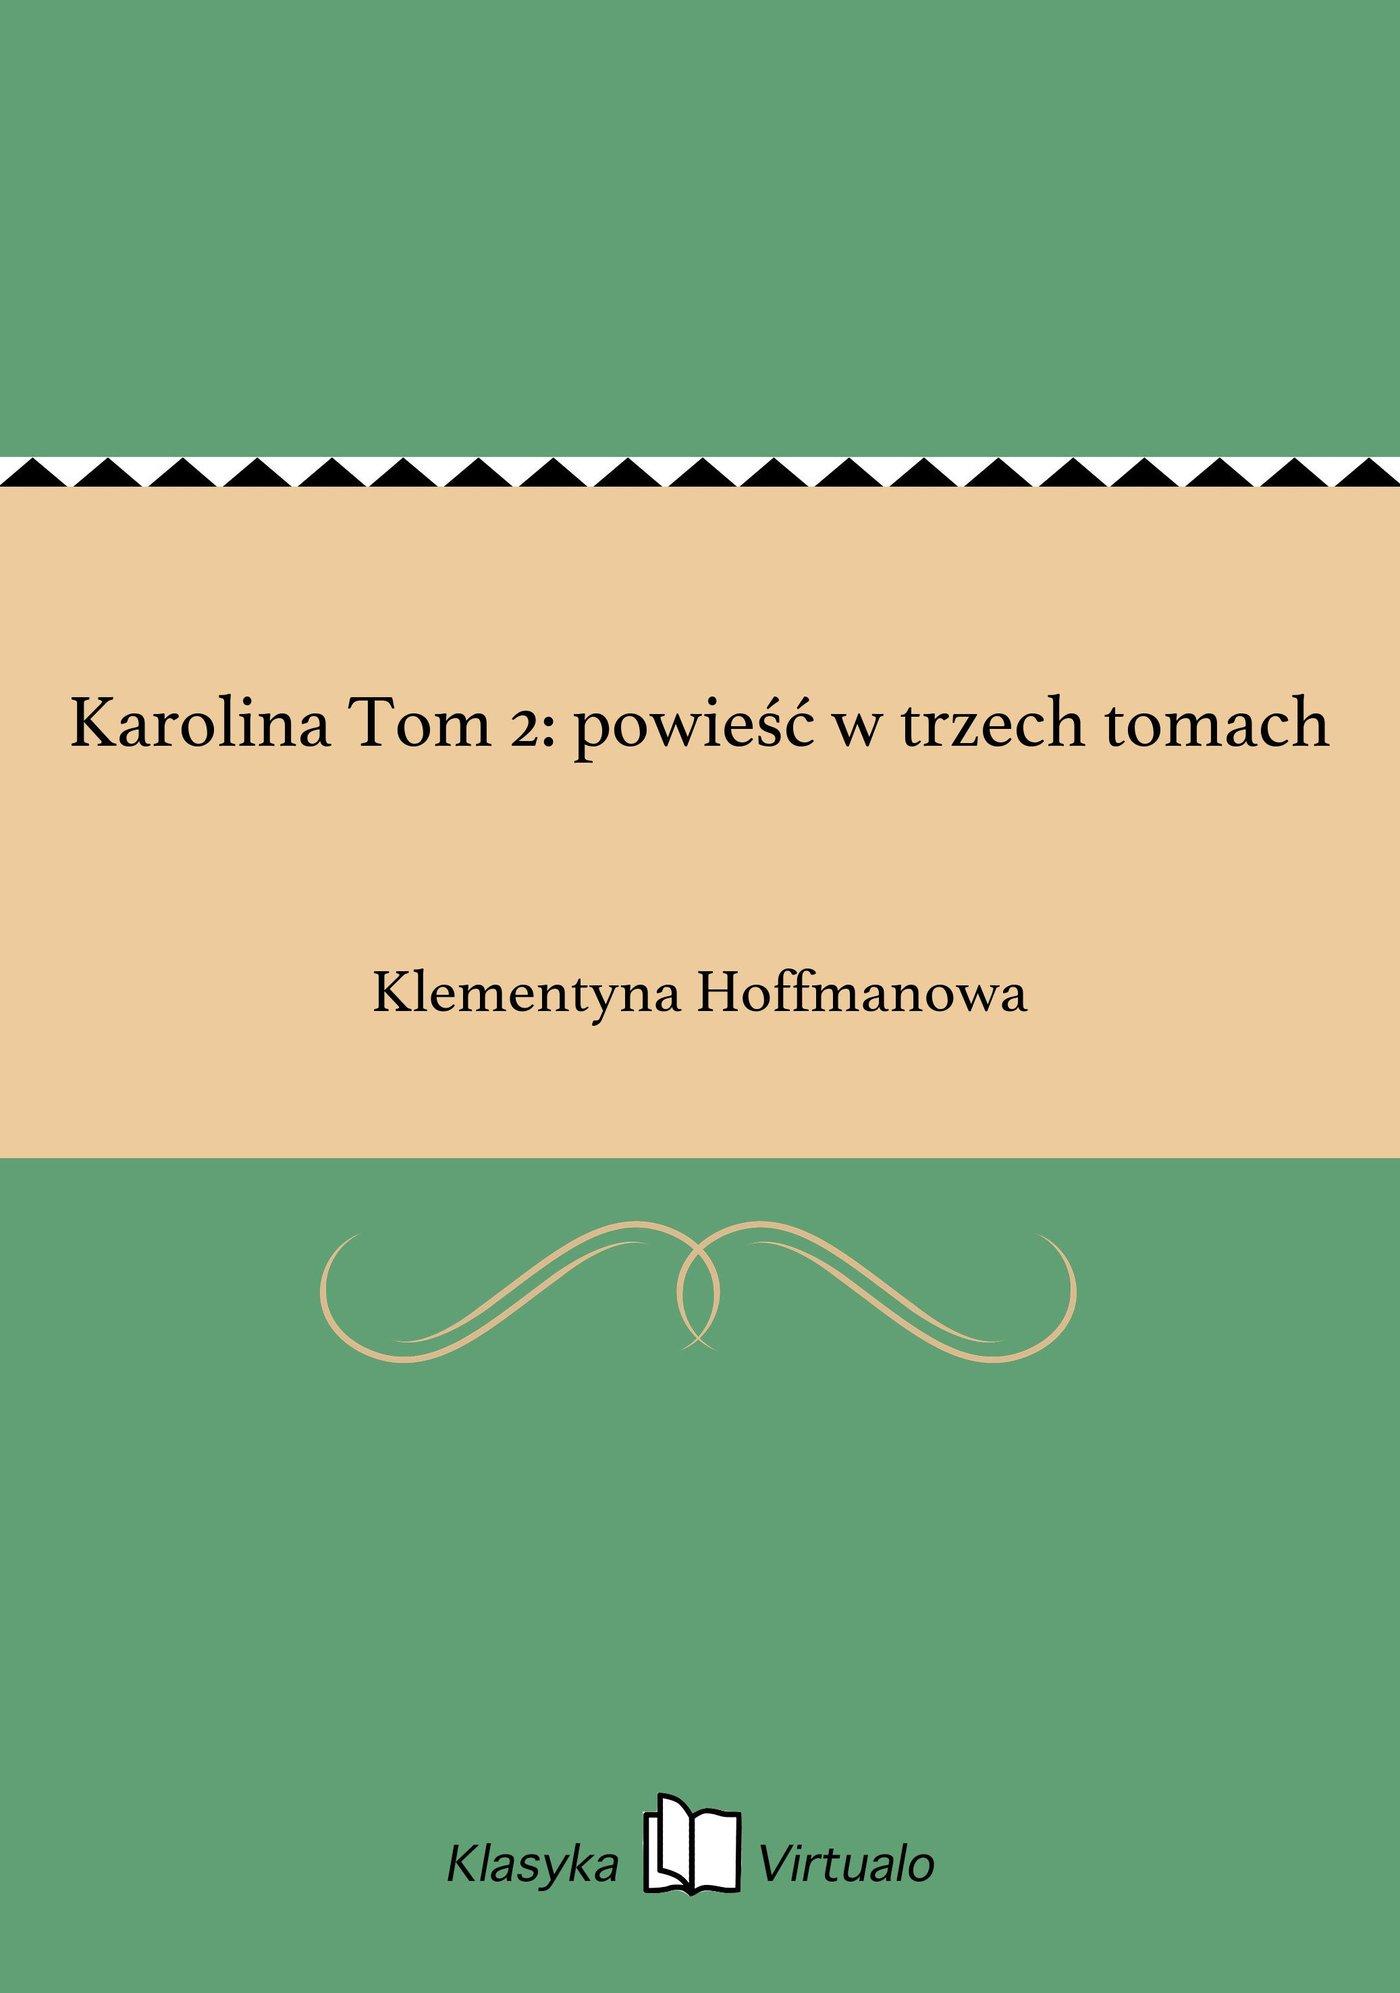 Karolina Tom 2: powieść w trzech tomach - Ebook (Książka na Kindle) do pobrania w formacie MOBI